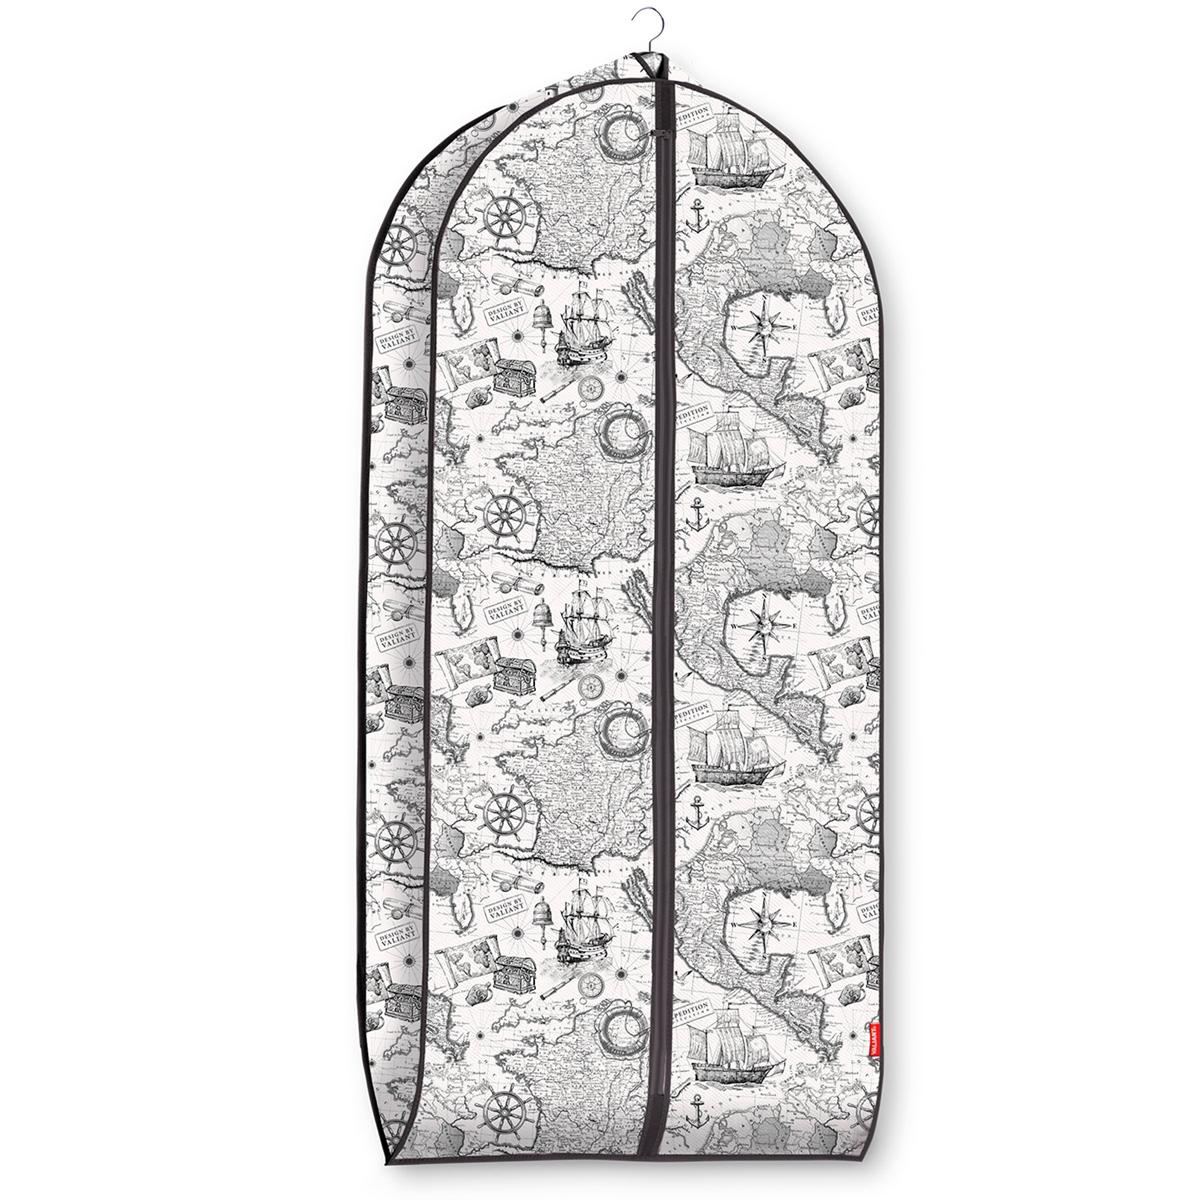 Чехол для одежды Valiant Expedition, объемный, 60 см х 137 см х 10 смEX-CV-137Чехол для одежды Valiant Expedition изготовлен из высококачественного нетканого материала, который обеспечивает естественную вентиляцию, позволяя воздуху проникать внутрь, но не пропускает пыль. Чехол очень удобен в использовании. Наличие боковой вставки увеличивает объем чехла, что позволяет хранить крупные объемные вещи. Чехол легко открывается и закрывается застежкой-молнией. Идеально подойдет для хранения одежды и удобной перевозки. Оригинальный монохромный дизайн Expedition погружает в романтическую атмосферу морских экспедиций, дальних странствий и географических открытий. Система хранения станет стильным акцентом в современном гардеробе.